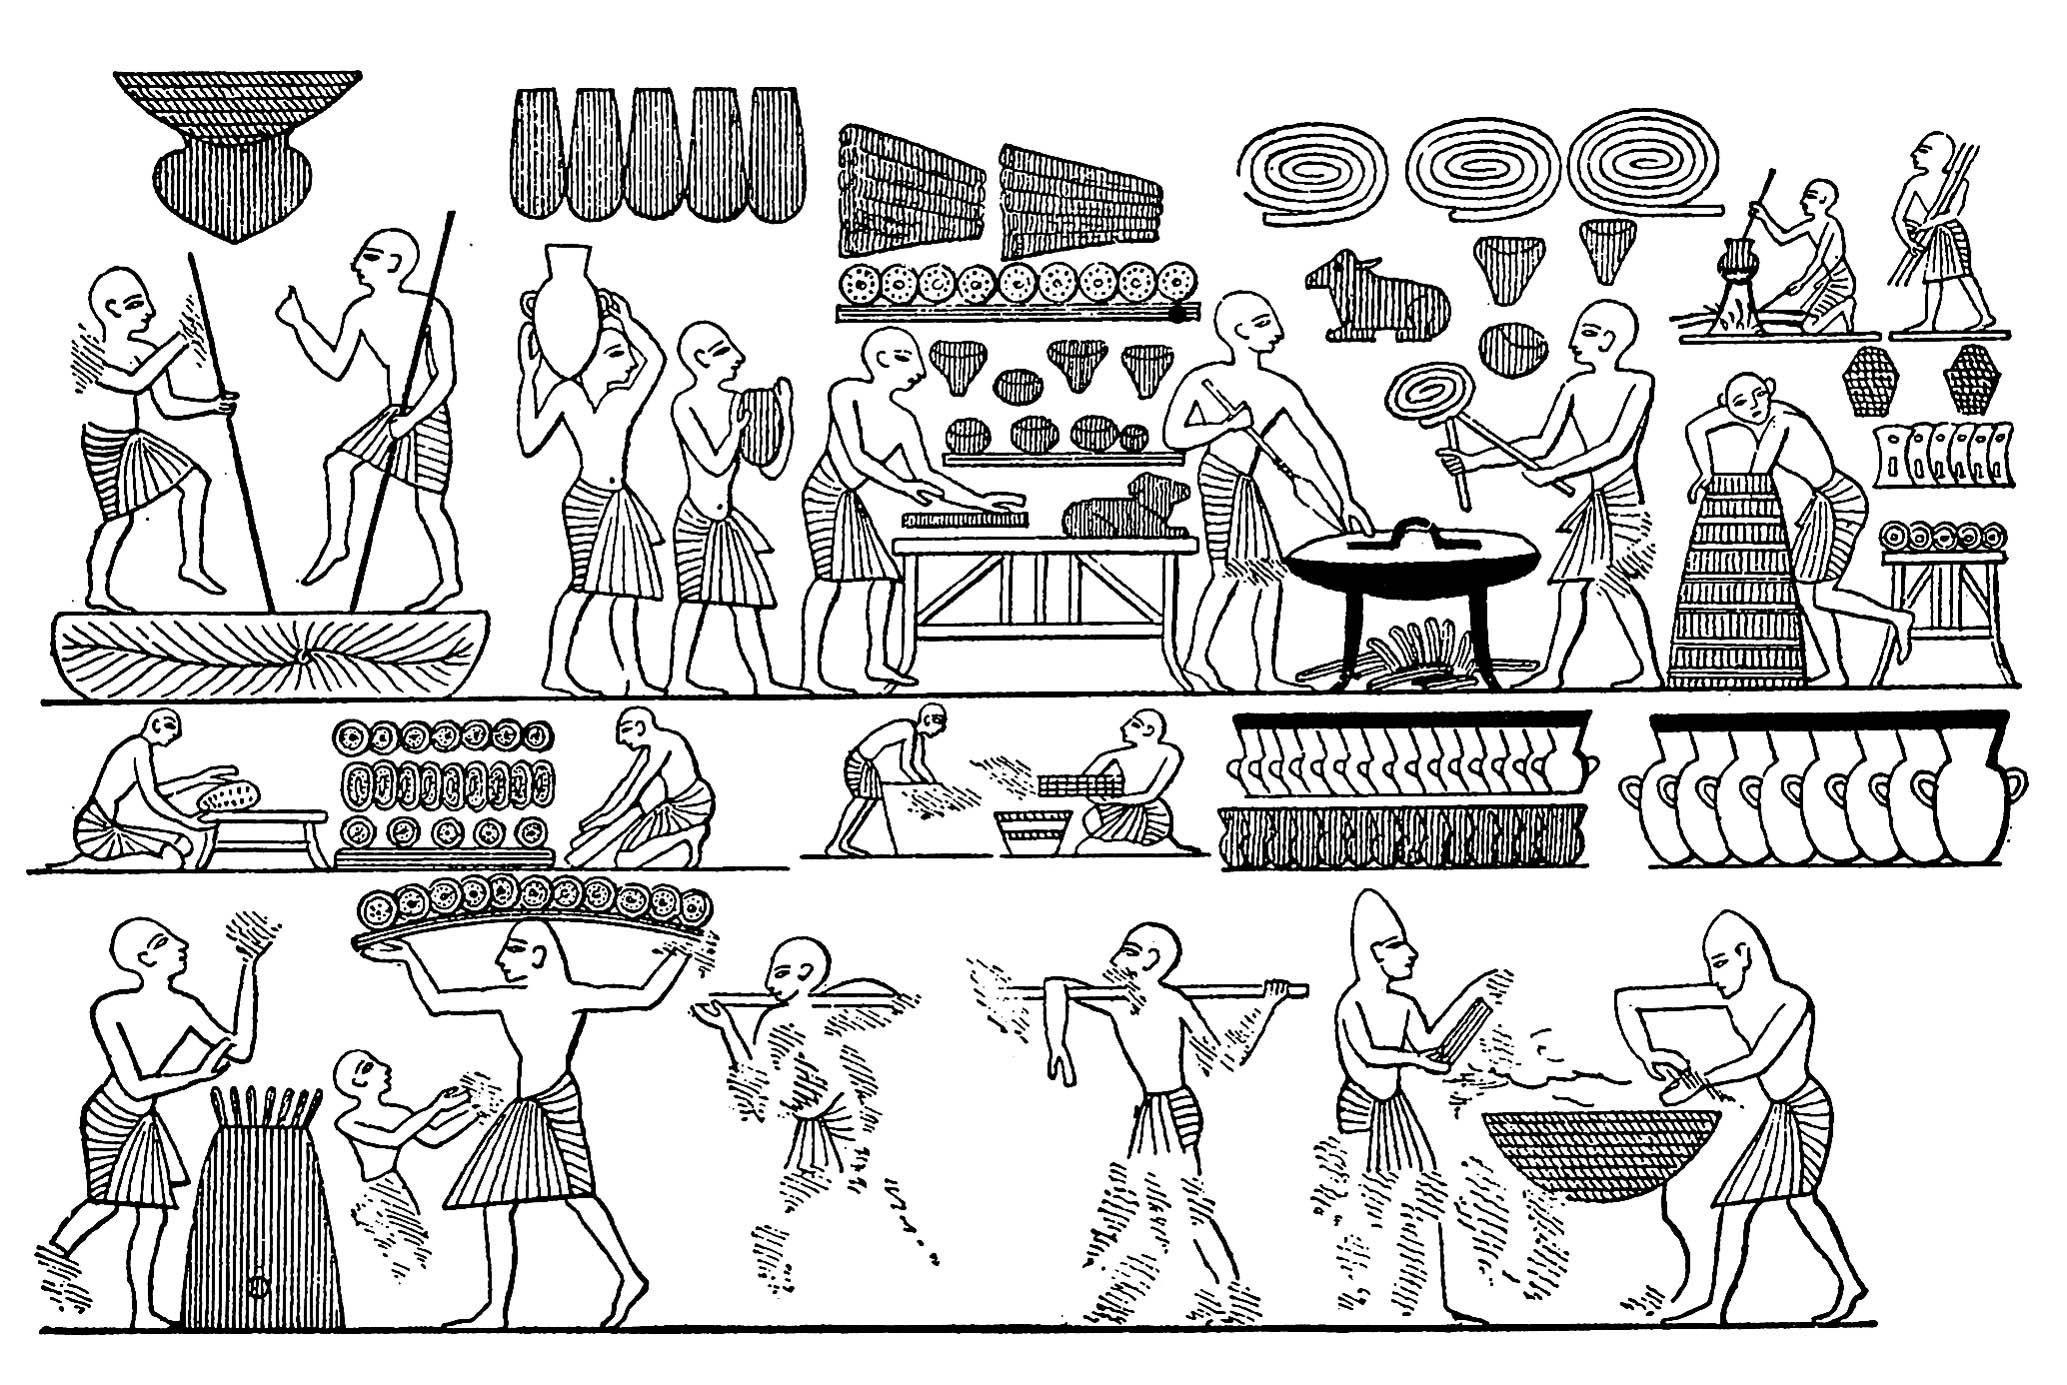 Dessin égyptien sur le thème de la cuisine, avec nombreux personnages en train de préparer du pain et autres mets d'époque. Un Coloriage très riche en détails